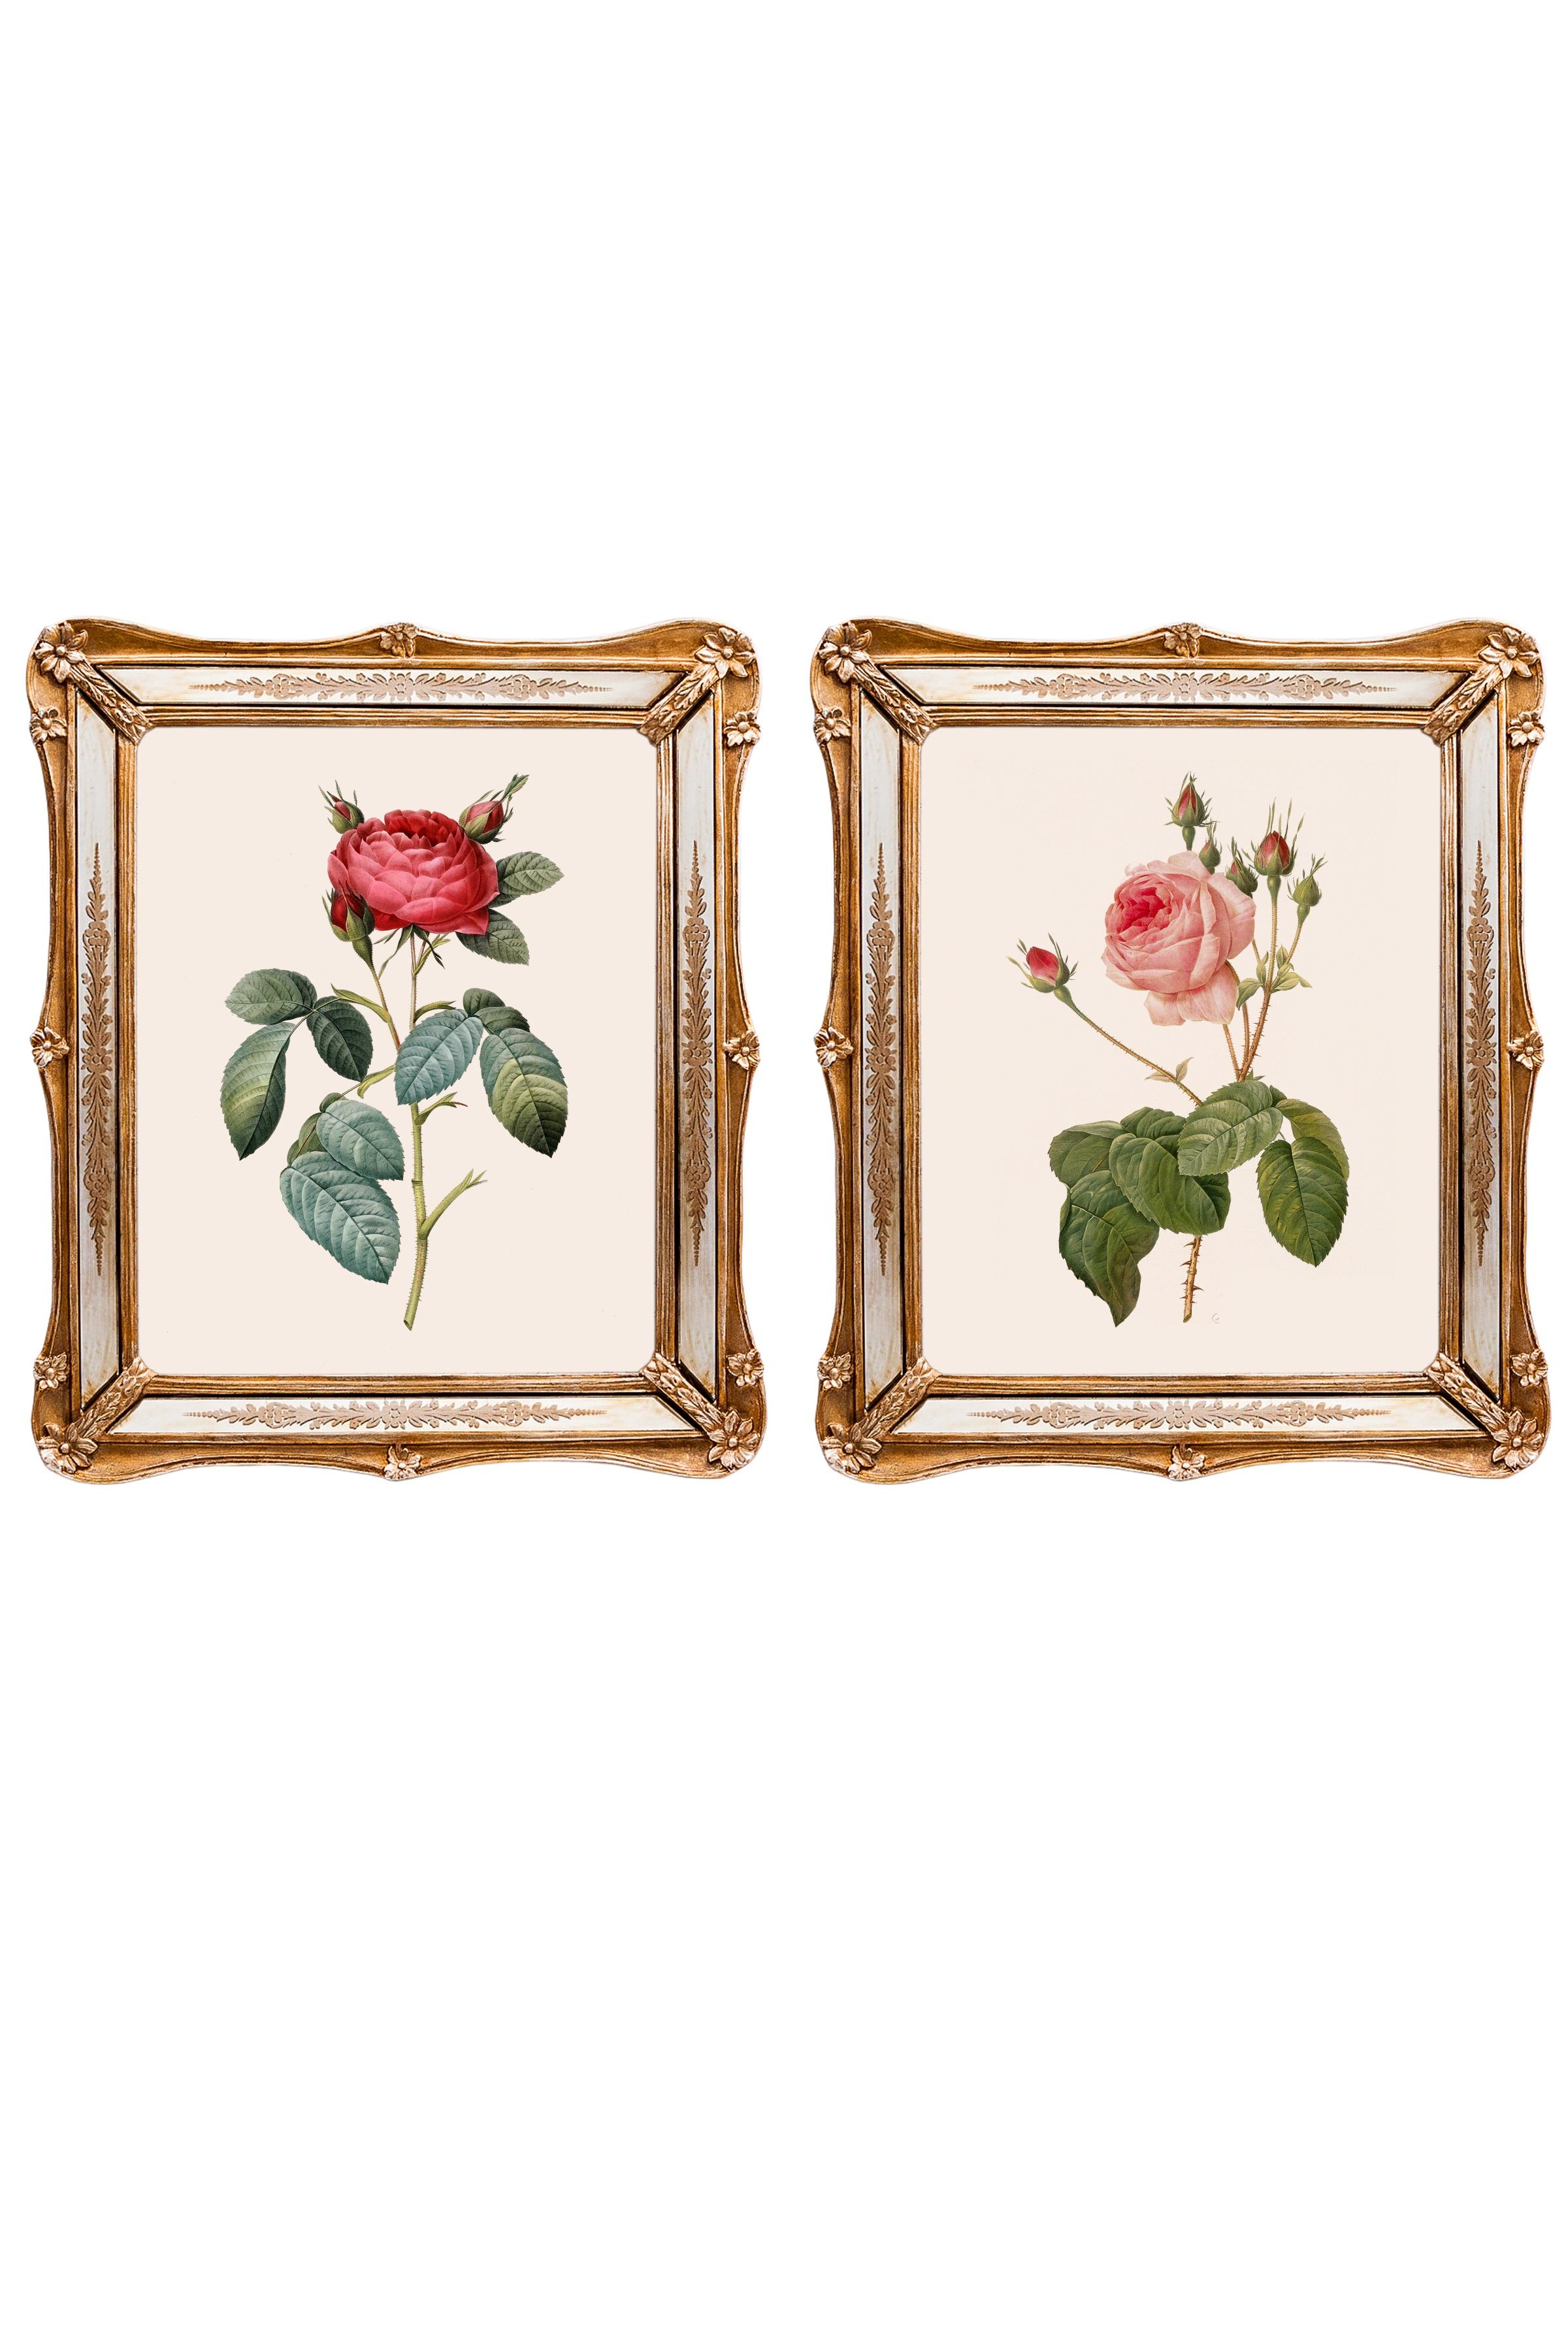 Набор из двух репродукций СофиКартины<br>&amp;lt;div&amp;gt;Репродукции акварелей французского художника Пьера-Жозефа Редуте, которого называли «Рафаэлем цветов», остаются так же свежи в начале 21 века, будто написаны совсем недавно. Они добавляют в интерьер нотки винтажной красоты, а удивительные цветы впечатляют своими изысканными формами. Репродукции акварелей в рамах с зеркальными вставками и золотым рельефом фантастически преображается в освещенном солнцем интерьере. Картины можно повесить на стену, а можно поставить, например, на стол или камин. Защитный стеклянный слой сохранит изображение от воздействий окружающей среды. Если Вам захочется обновить интерьер, Вы можете с легкостью заменить изображение картины!&amp;lt;/div&amp;gt;&amp;lt;div&amp;gt;&amp;lt;br&amp;gt;&amp;lt;/div&amp;gt;&amp;lt;div&amp;gt;Изображение - дизайнерская бумага; рама - искуственный камень, зеркальные вставки; защитный слой - стекло&amp;amp;nbsp;&amp;lt;/div&amp;gt;&amp;lt;div&amp;gt;Цвет:мультиколор&amp;amp;nbsp;&amp;lt;/div&amp;gt;&amp;lt;div&amp;gt;&amp;lt;br&amp;gt;&amp;lt;/div&amp;gt;<br><br>Material: Бумага<br>Width см: 26,5<br>Depth см: 2<br>Height см: 30,5